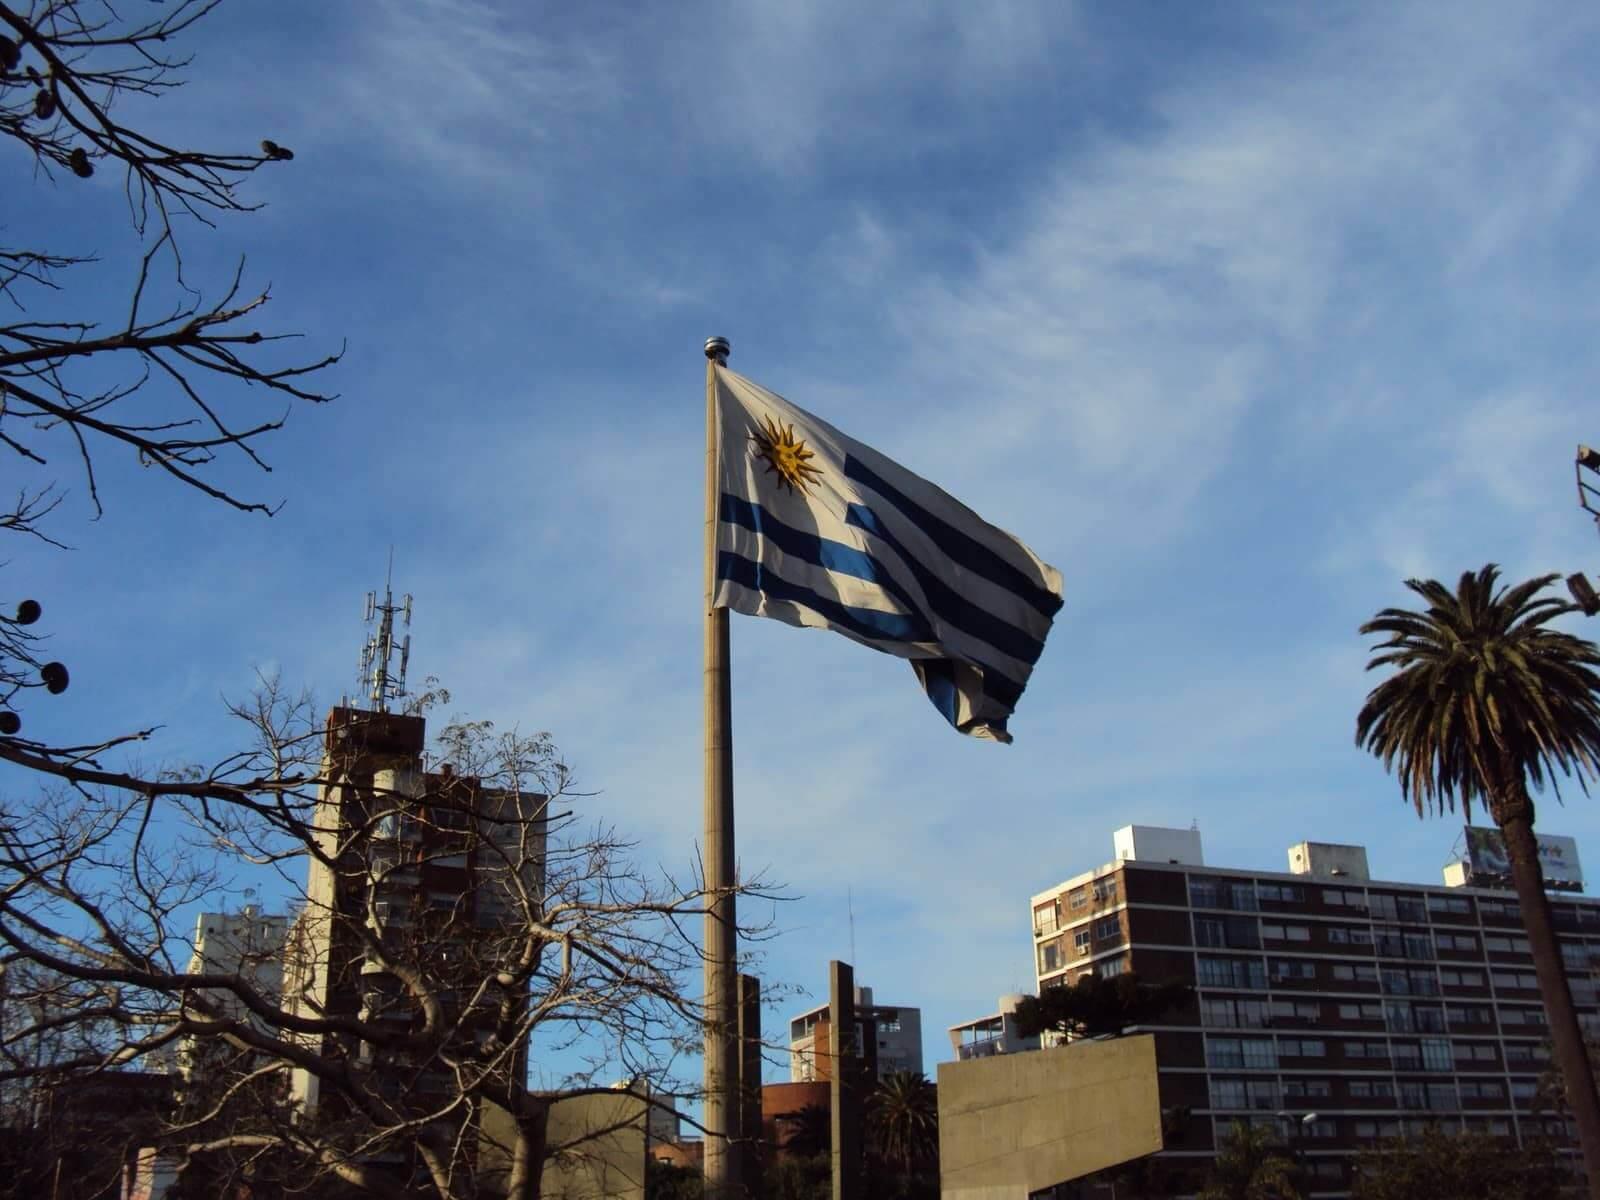 Feriados em Montevidéu em 2020: Independência do Uruguai